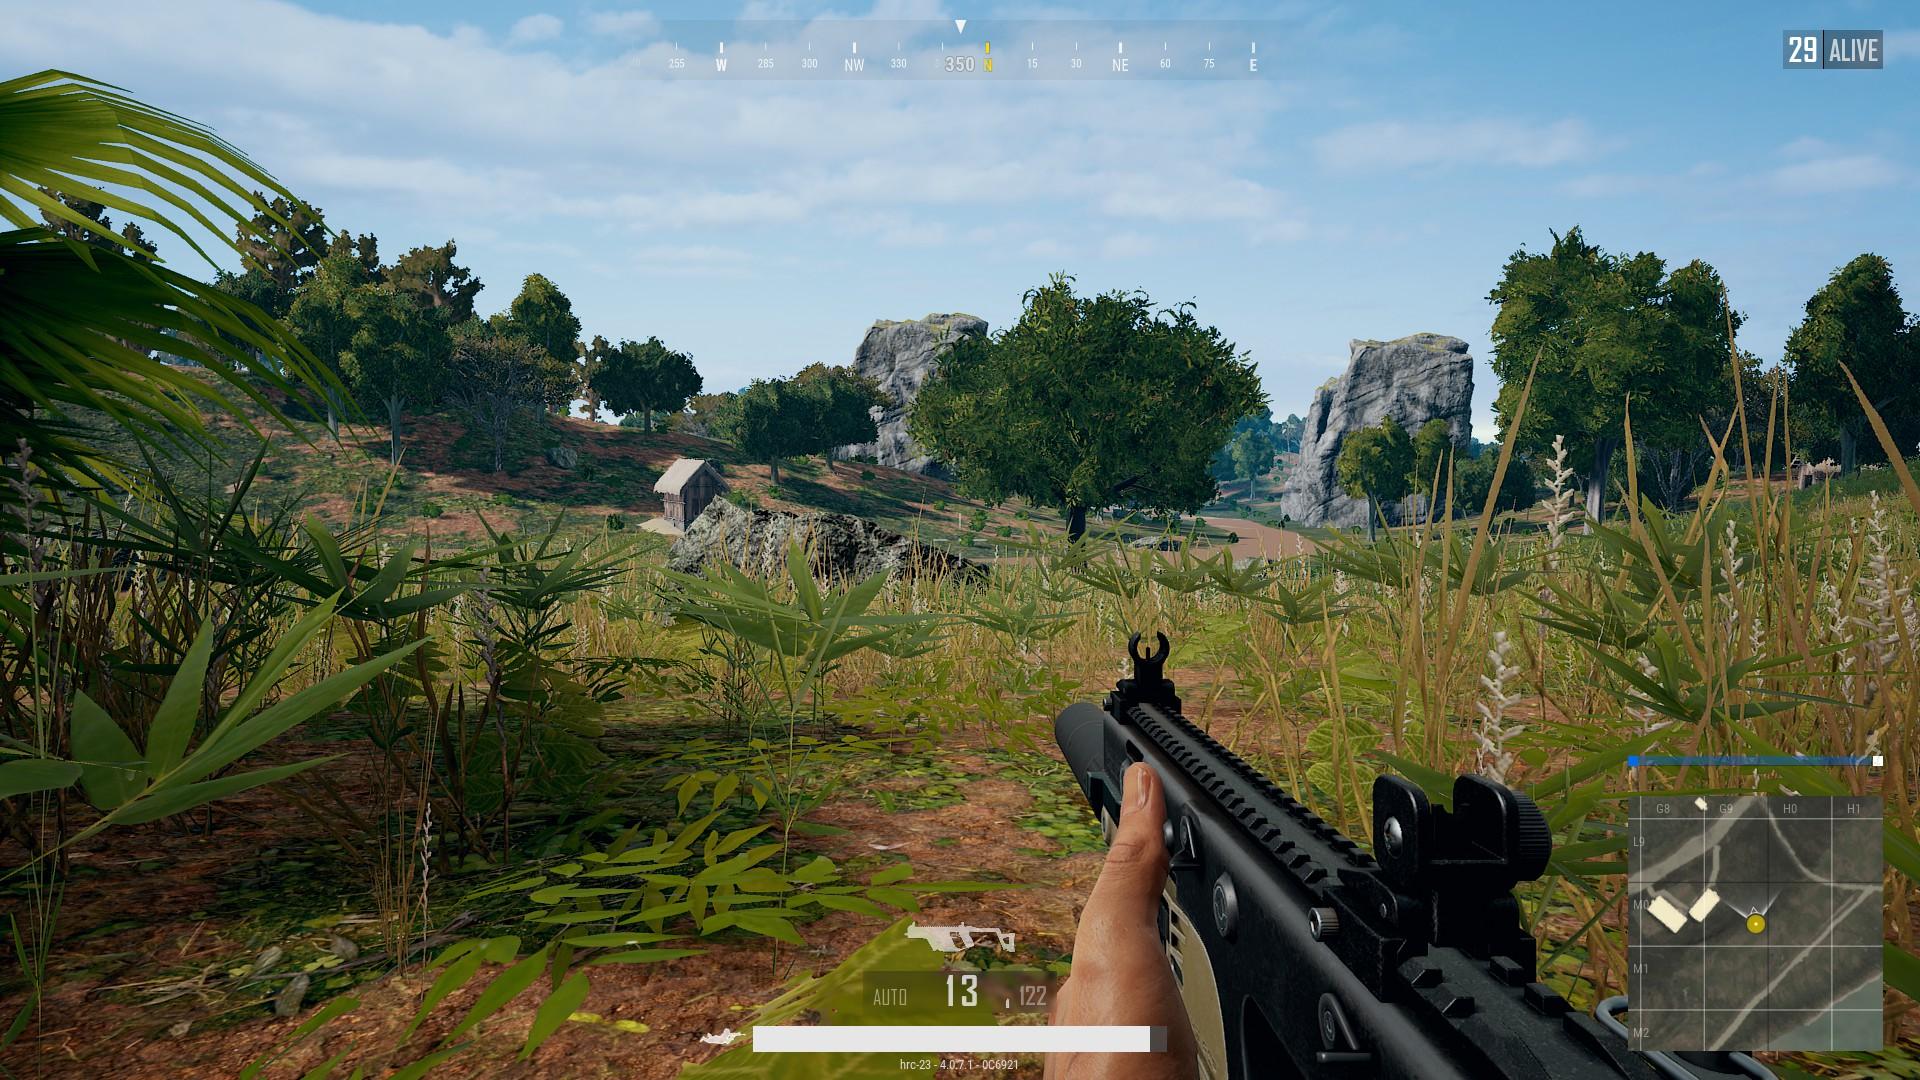 سلاح ها و ابزارهای جنگی رو در طول بازی باید پیدا کنید و خب مهمه که بدونید میخواید چیکار کنید. چون کوله پشتی شما ظرفیت مشخصی داره و همچنین خودتون بیشتر از ۲ تا اسلحه سنگین نمیتونین بردارین !